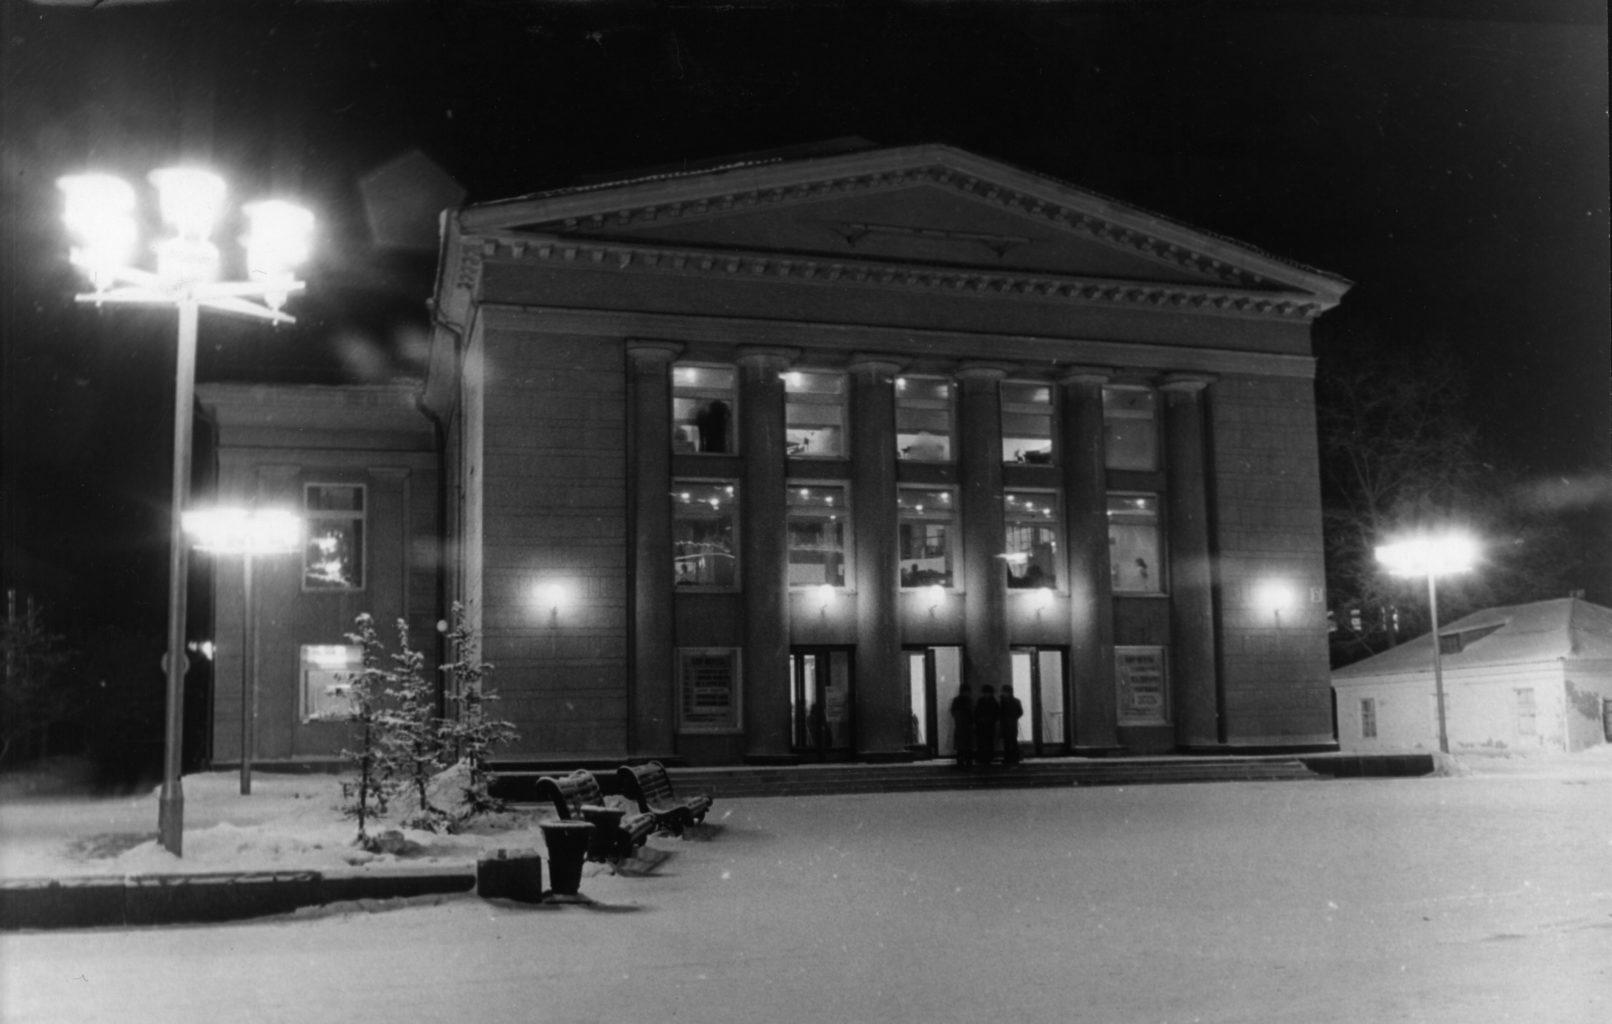 Театр оперетты Кузбасса, 1970-е гг.: фотография